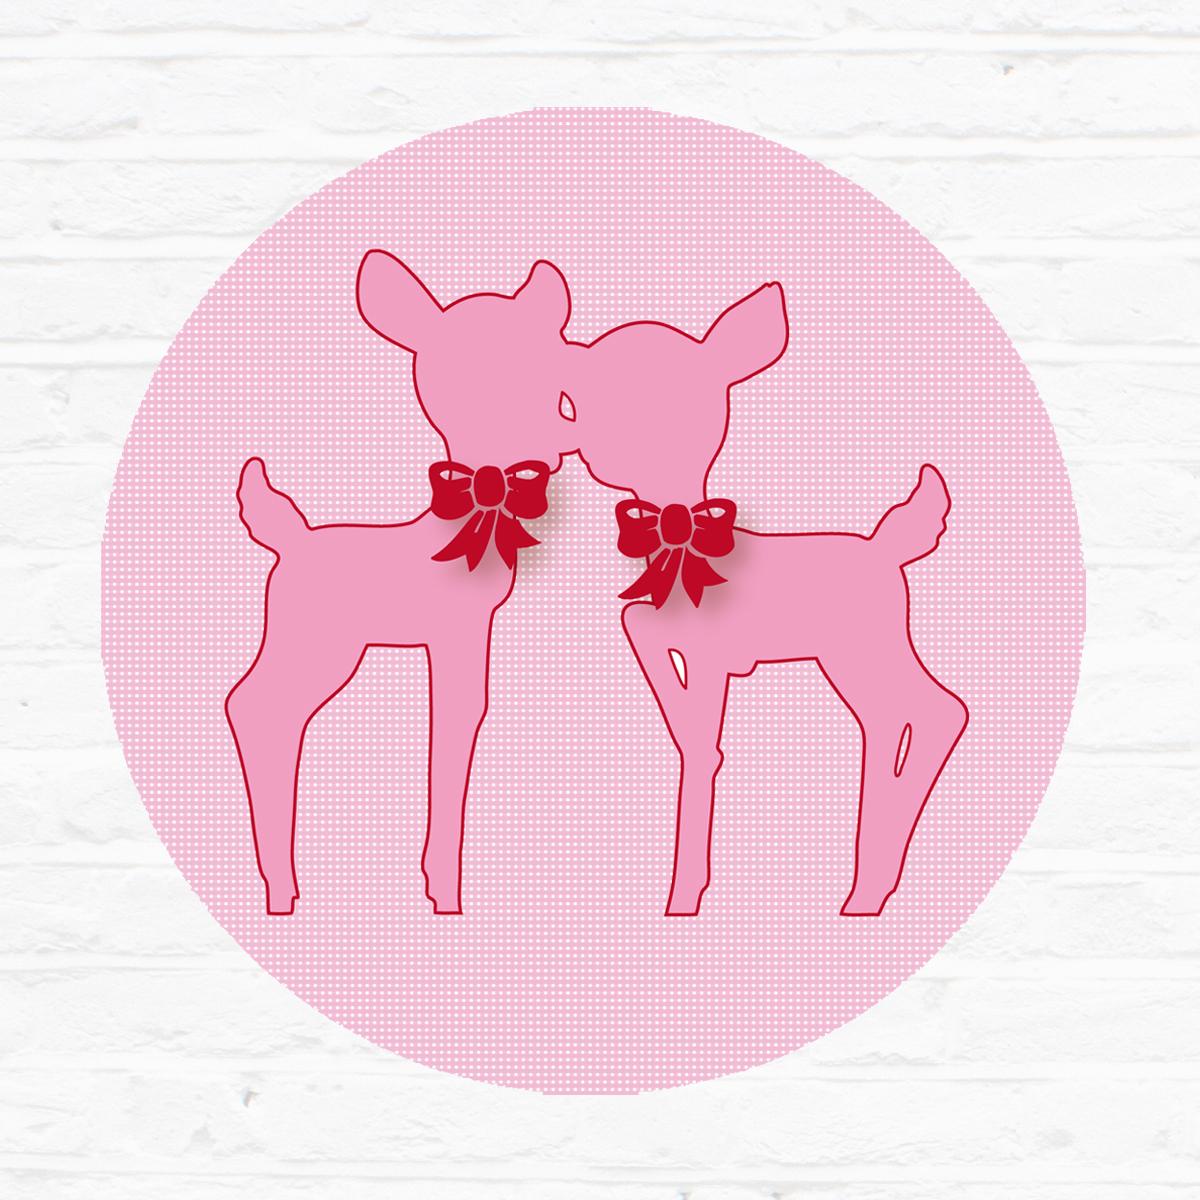 Little tulip muursticker roze hertjes  bambi deer herfst lief bed ledikant wieg kinderkamer babykamer babyuitzet meisje steigerhout